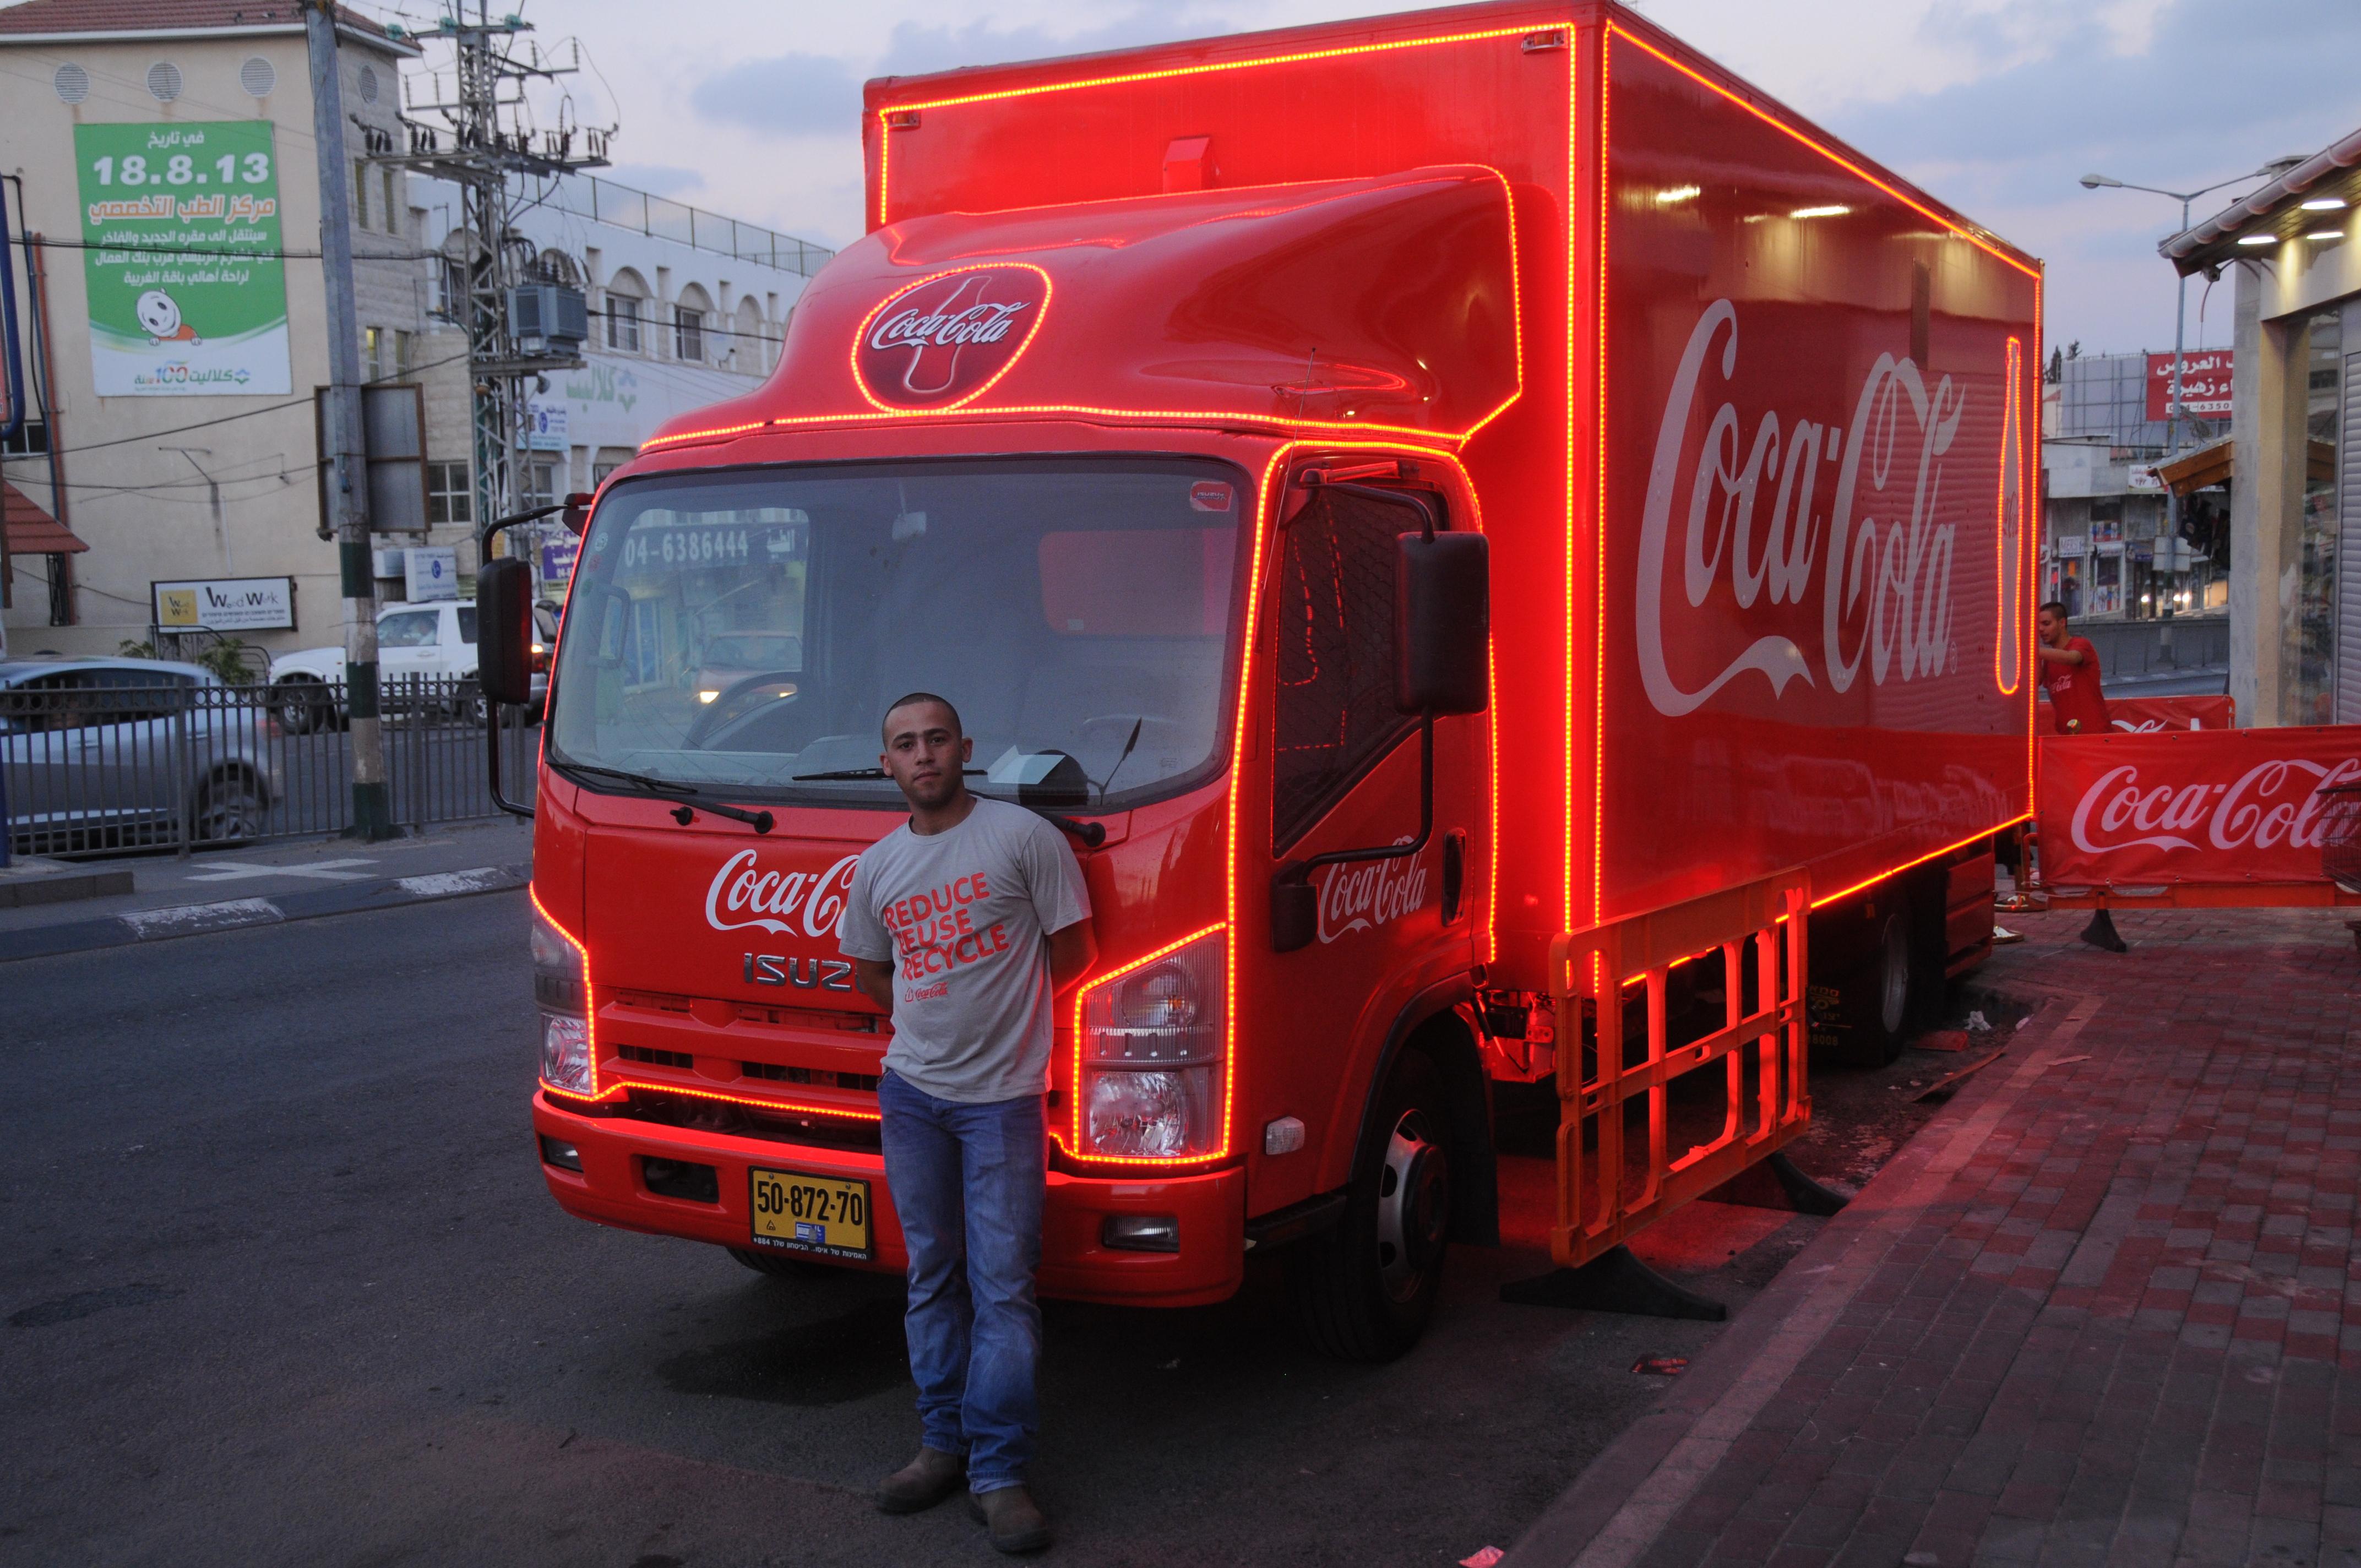 מגזר חרדי - משאית האושר של קוקה-קולה